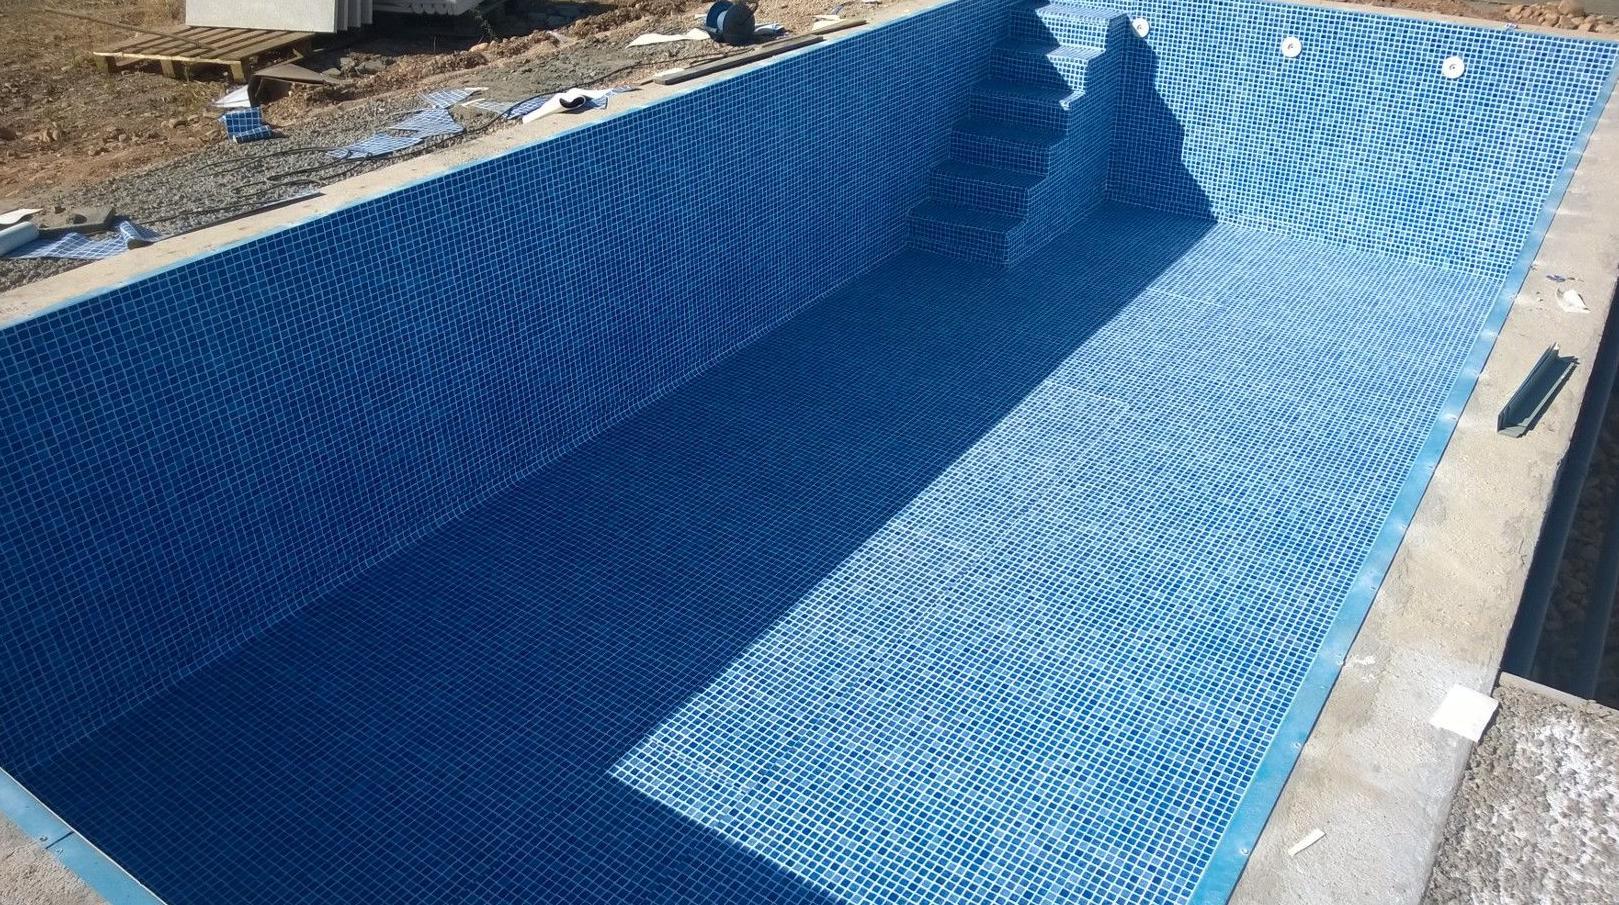 Terminada impermeabilizacion piscina lainer.